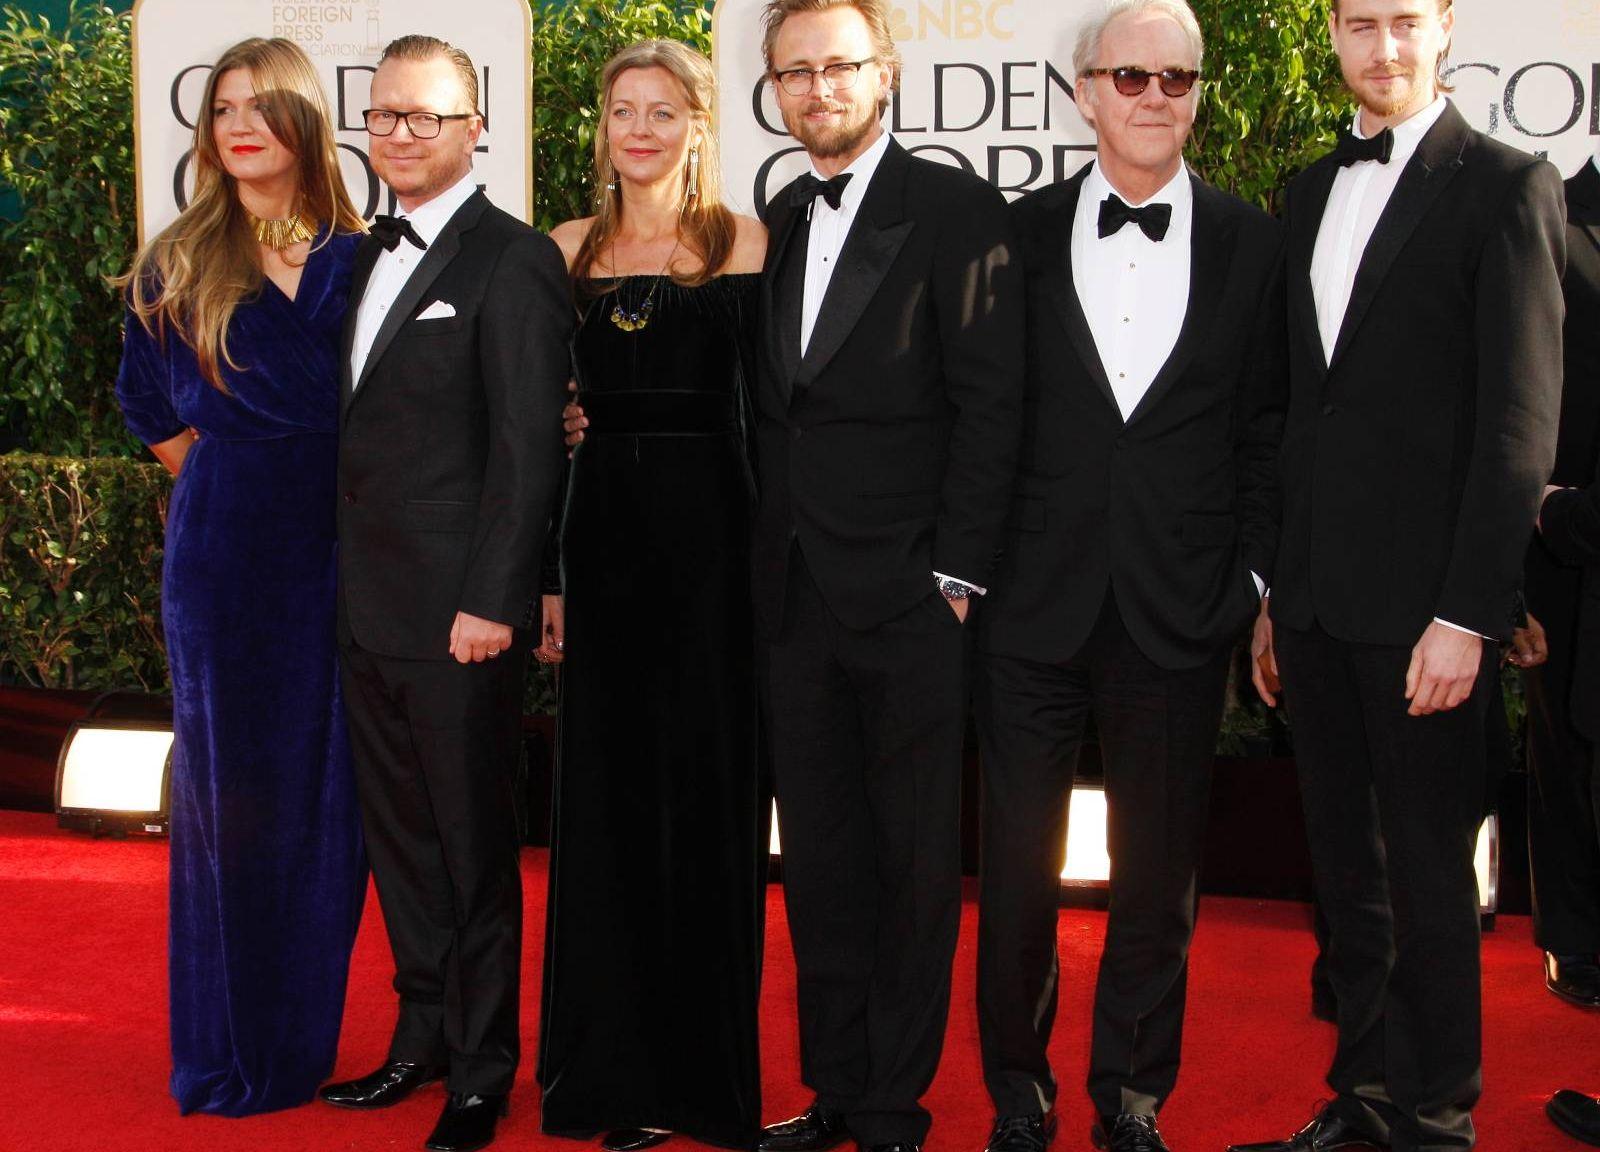 f4b19643 «Kon-Tiki»-gjengen på den røde løperen før Golden Globe-utdelingen: Fra  venstre regissør Espen Sandberg med kone, regissør Joachim Rønning med  kone, ...